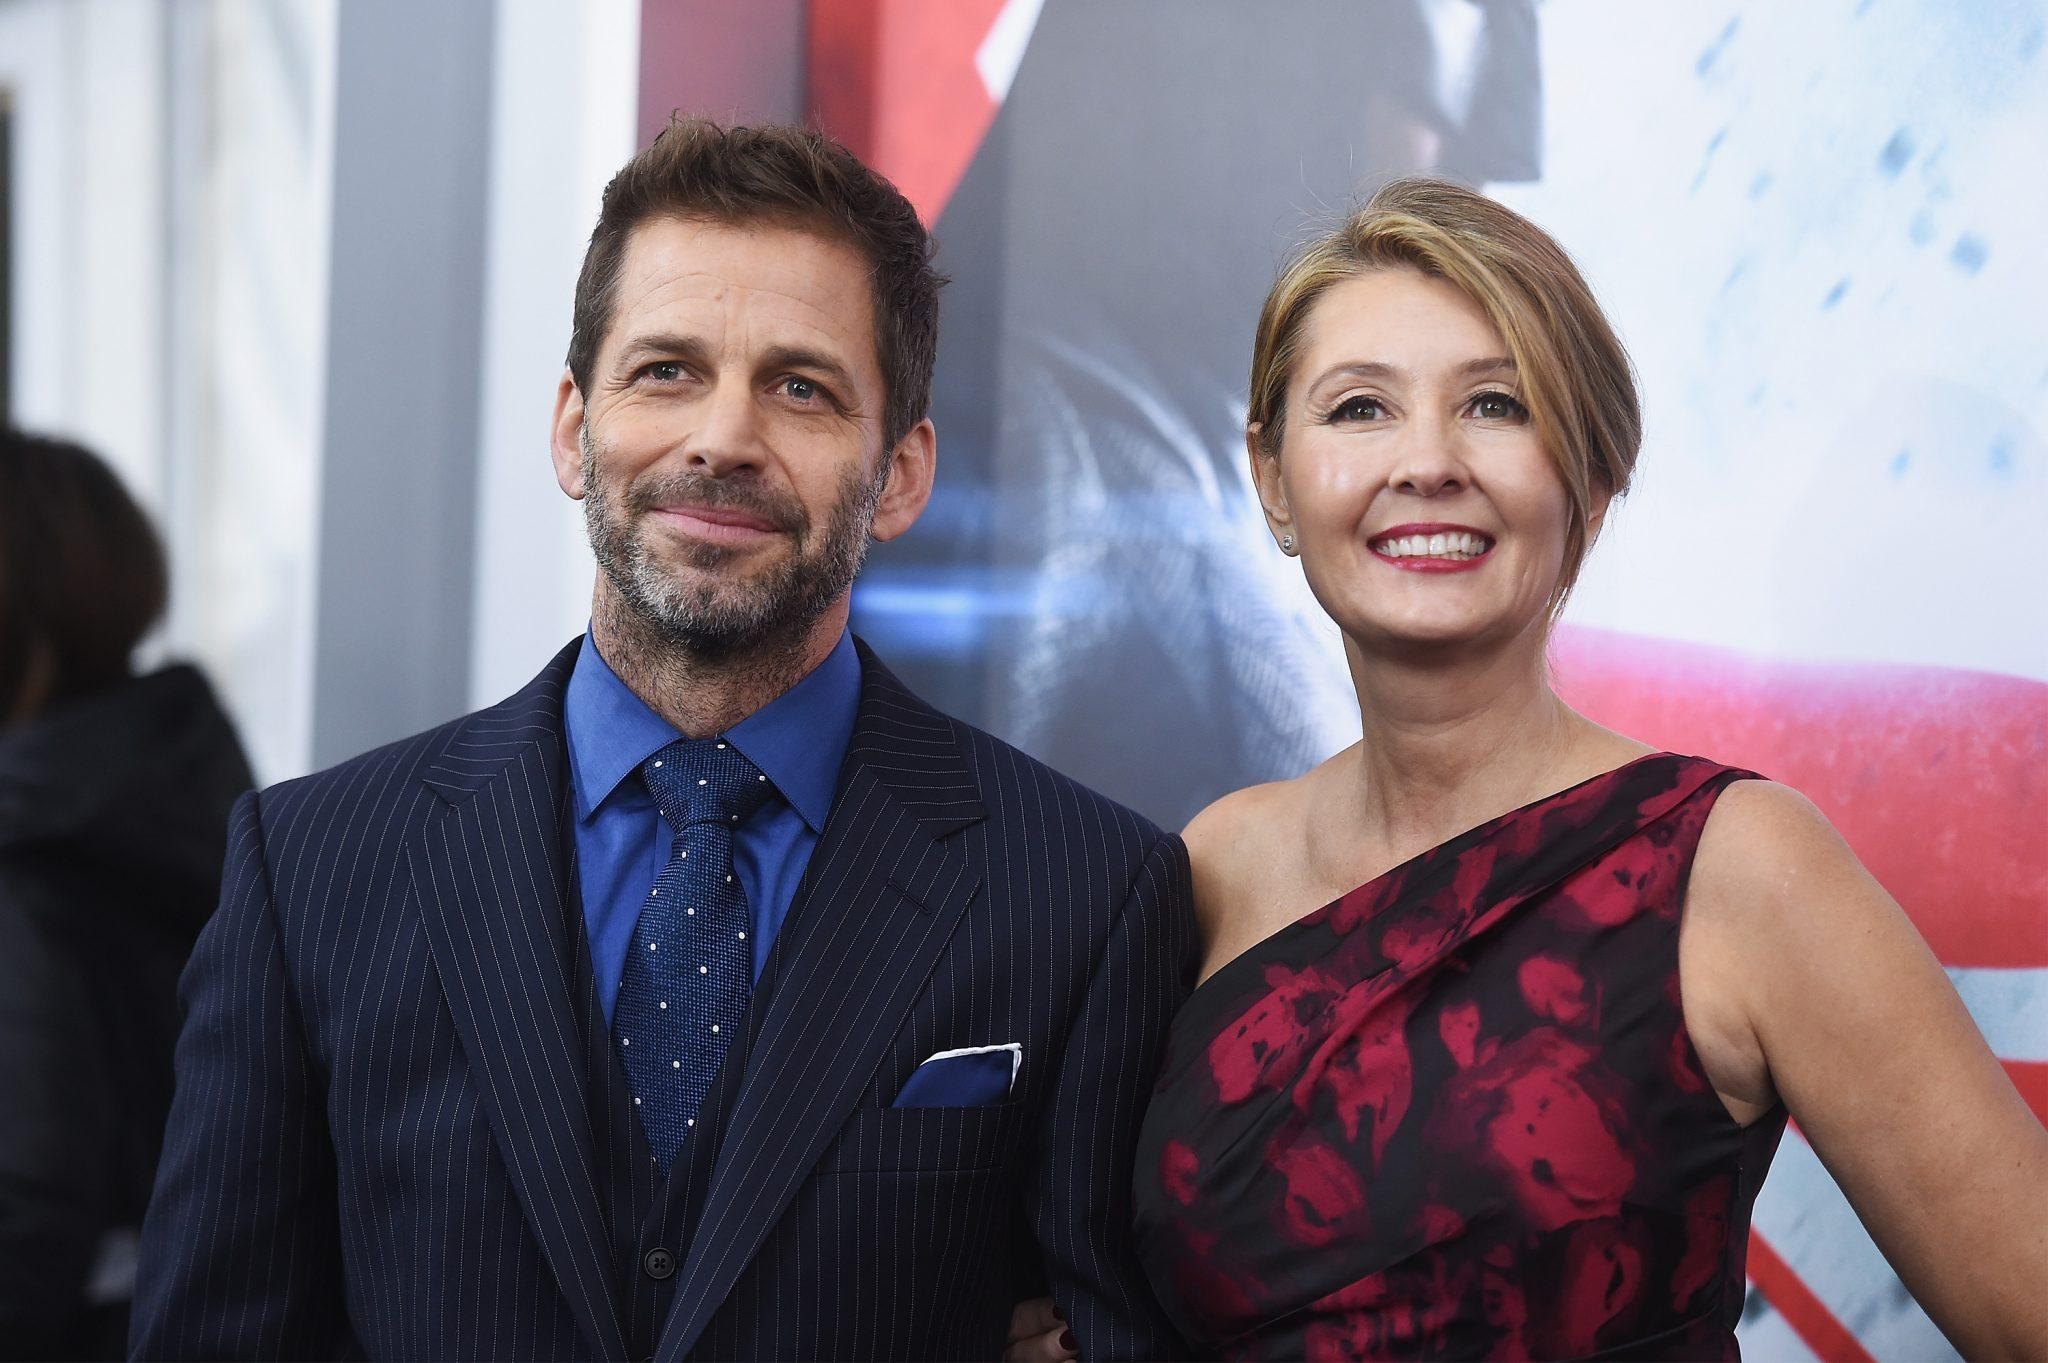 Zack & Deborah